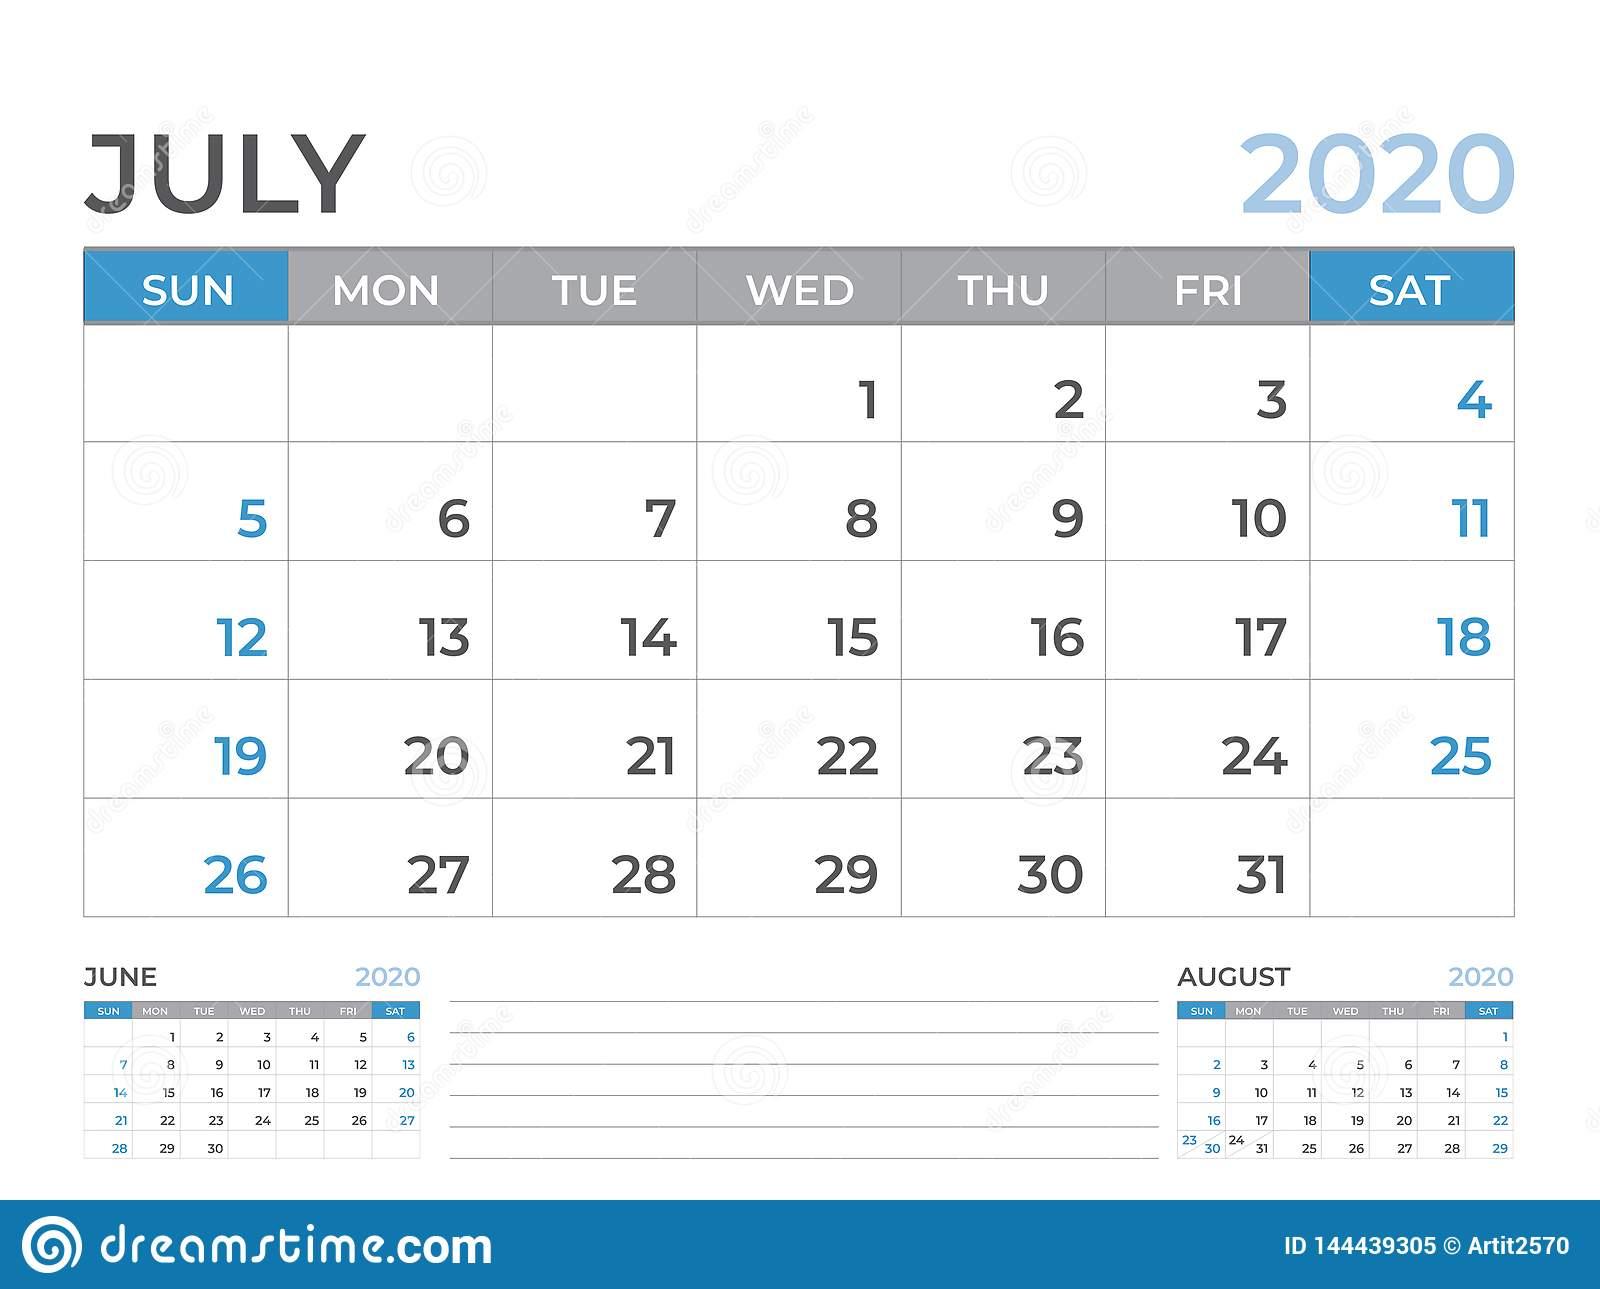 June 2020 Calendar Template, Desk Calendar Layout Size 8 X 6